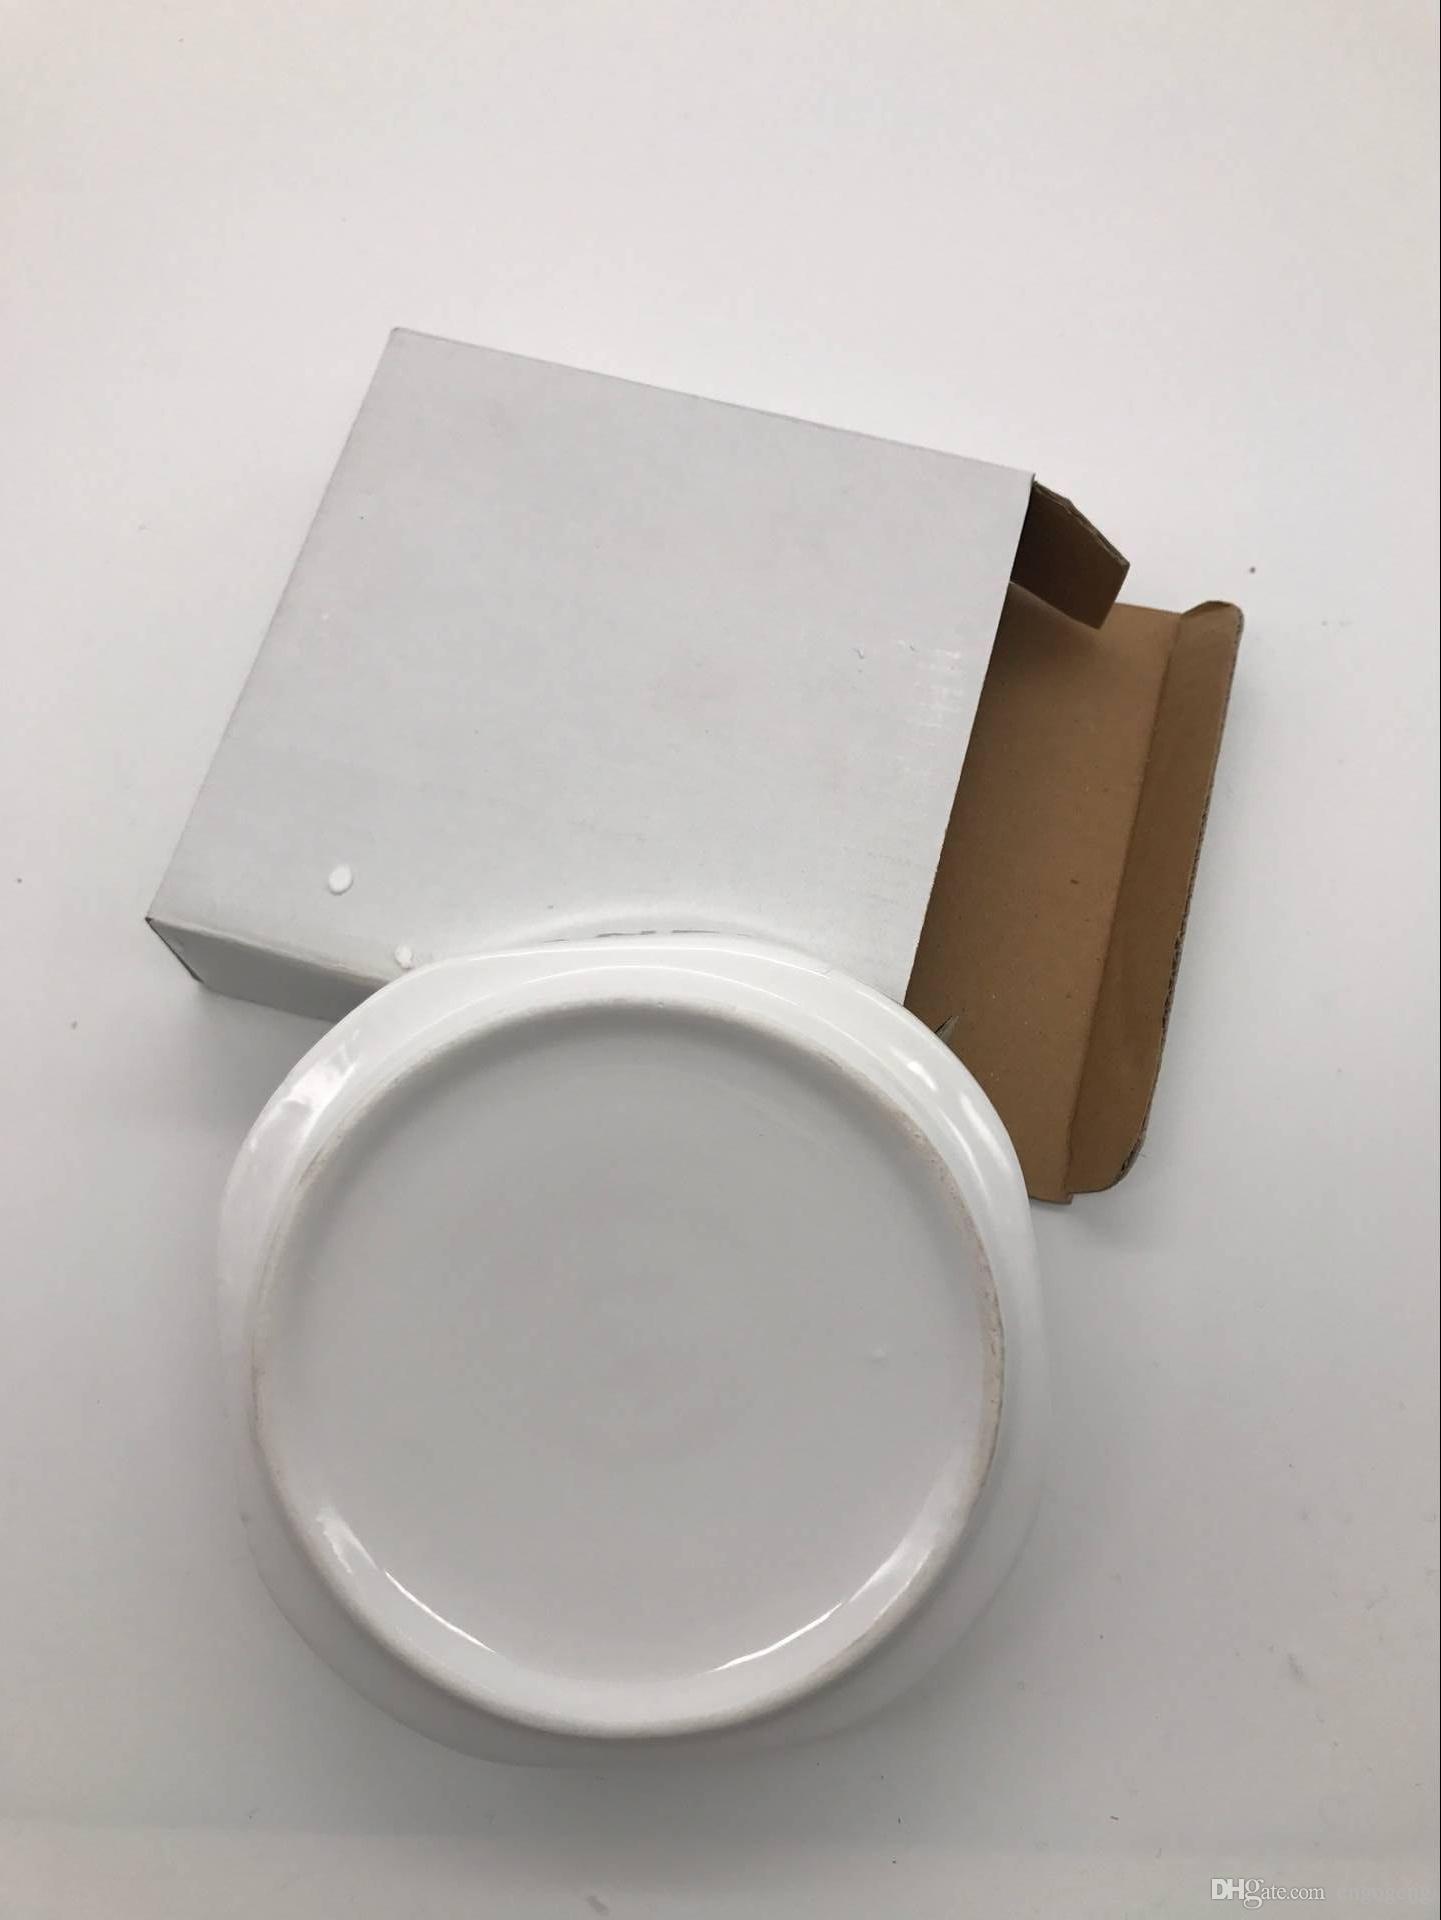 Cera de lujo C / Cenicero blanco con logotipo clásico Cenicero cuadrado blanco envío de caída